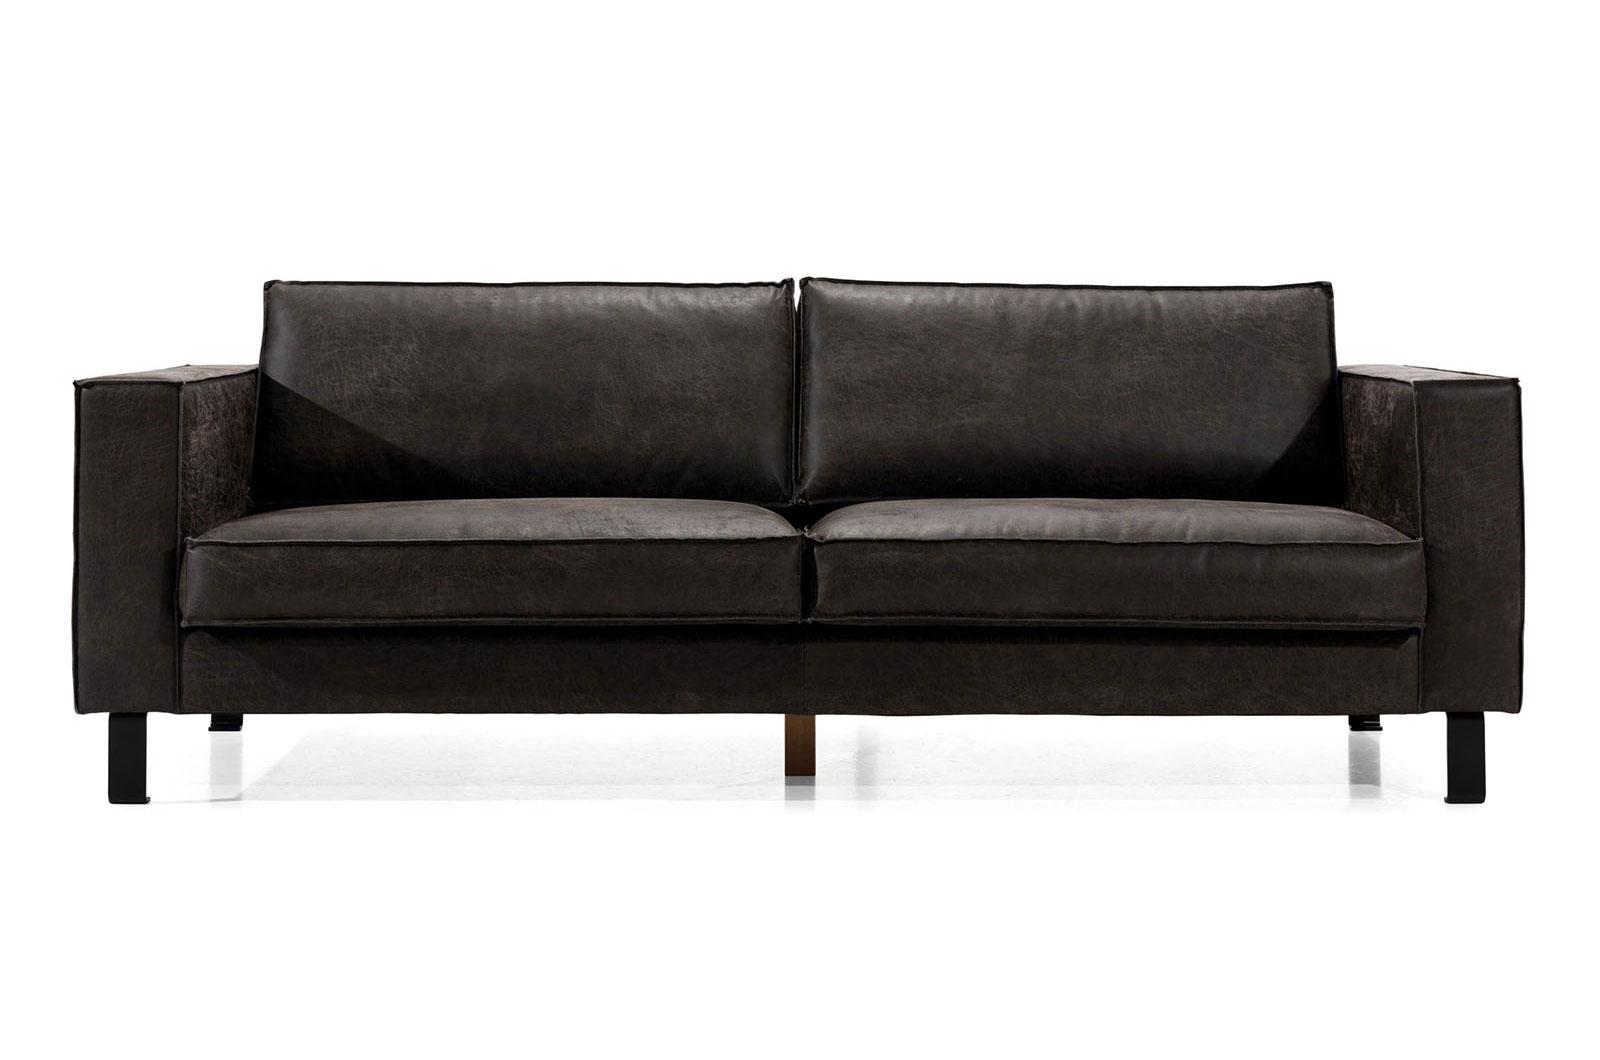 Canapea fixa 3 locuri Amsterdam, l230xA90xH83 cm